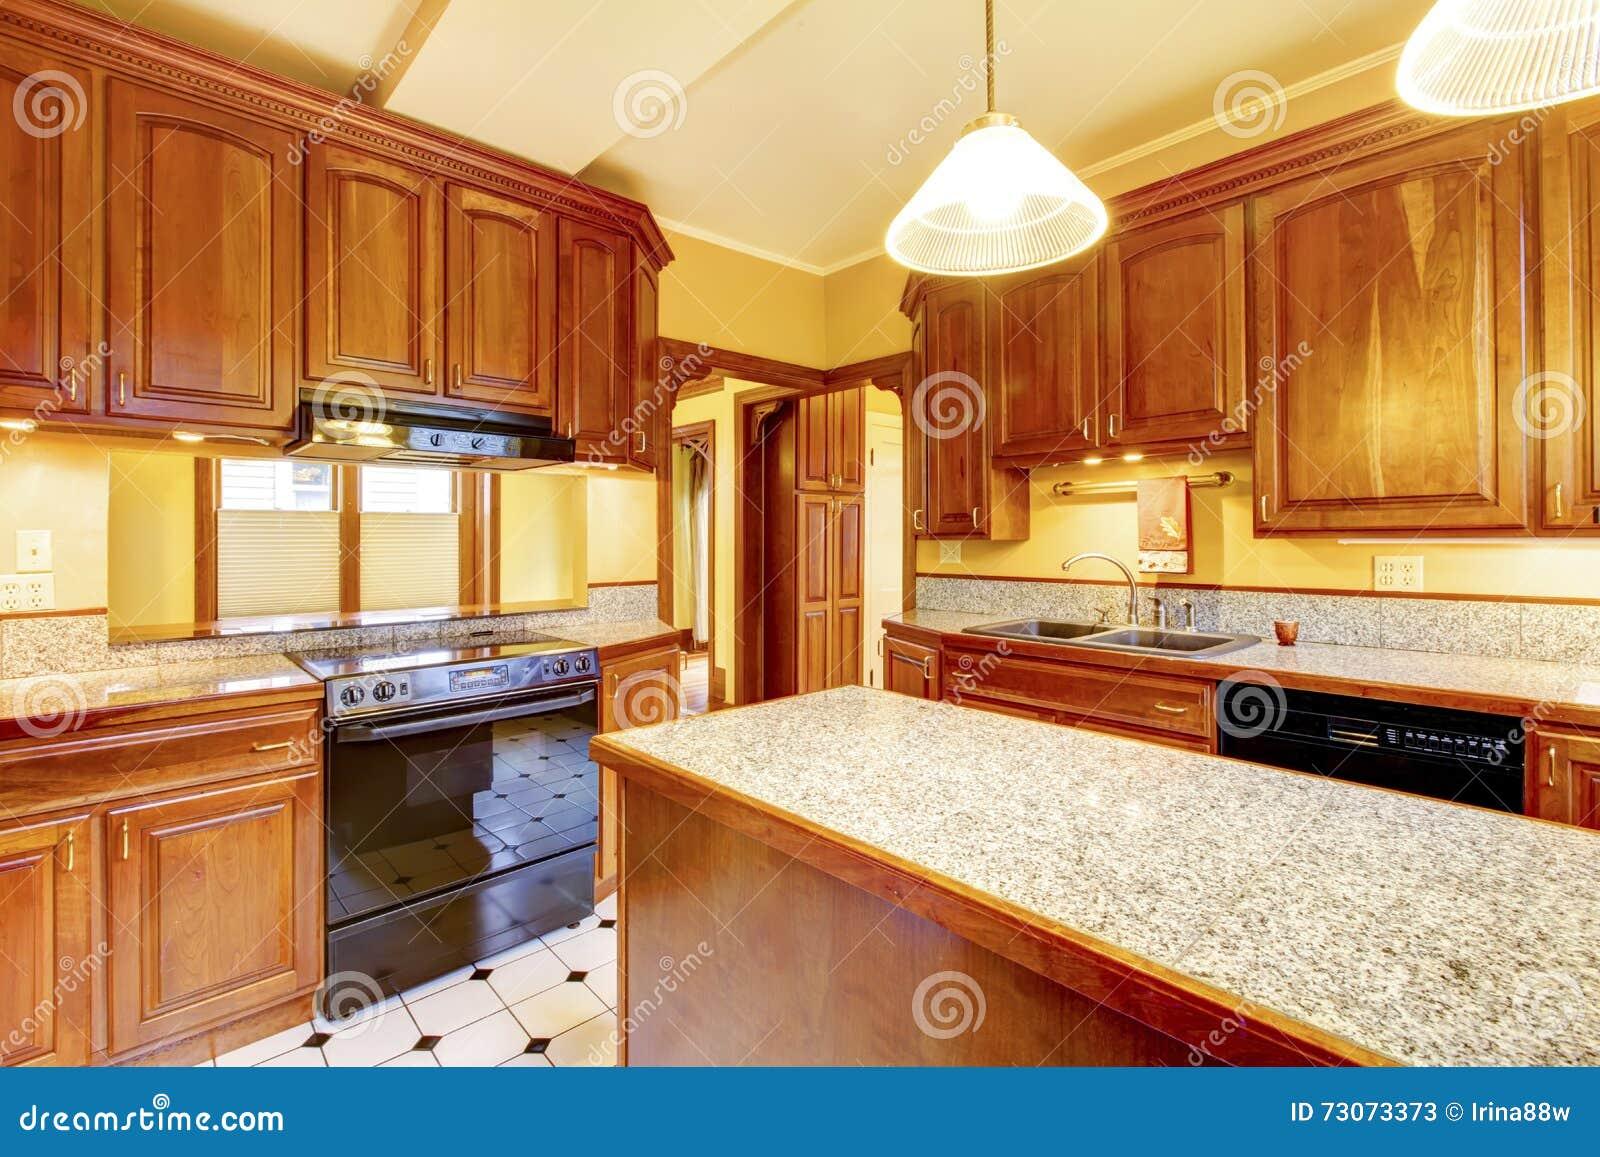 Design De Interiores Da Cozinha Com Ilha Bancada Do Granito E Telha